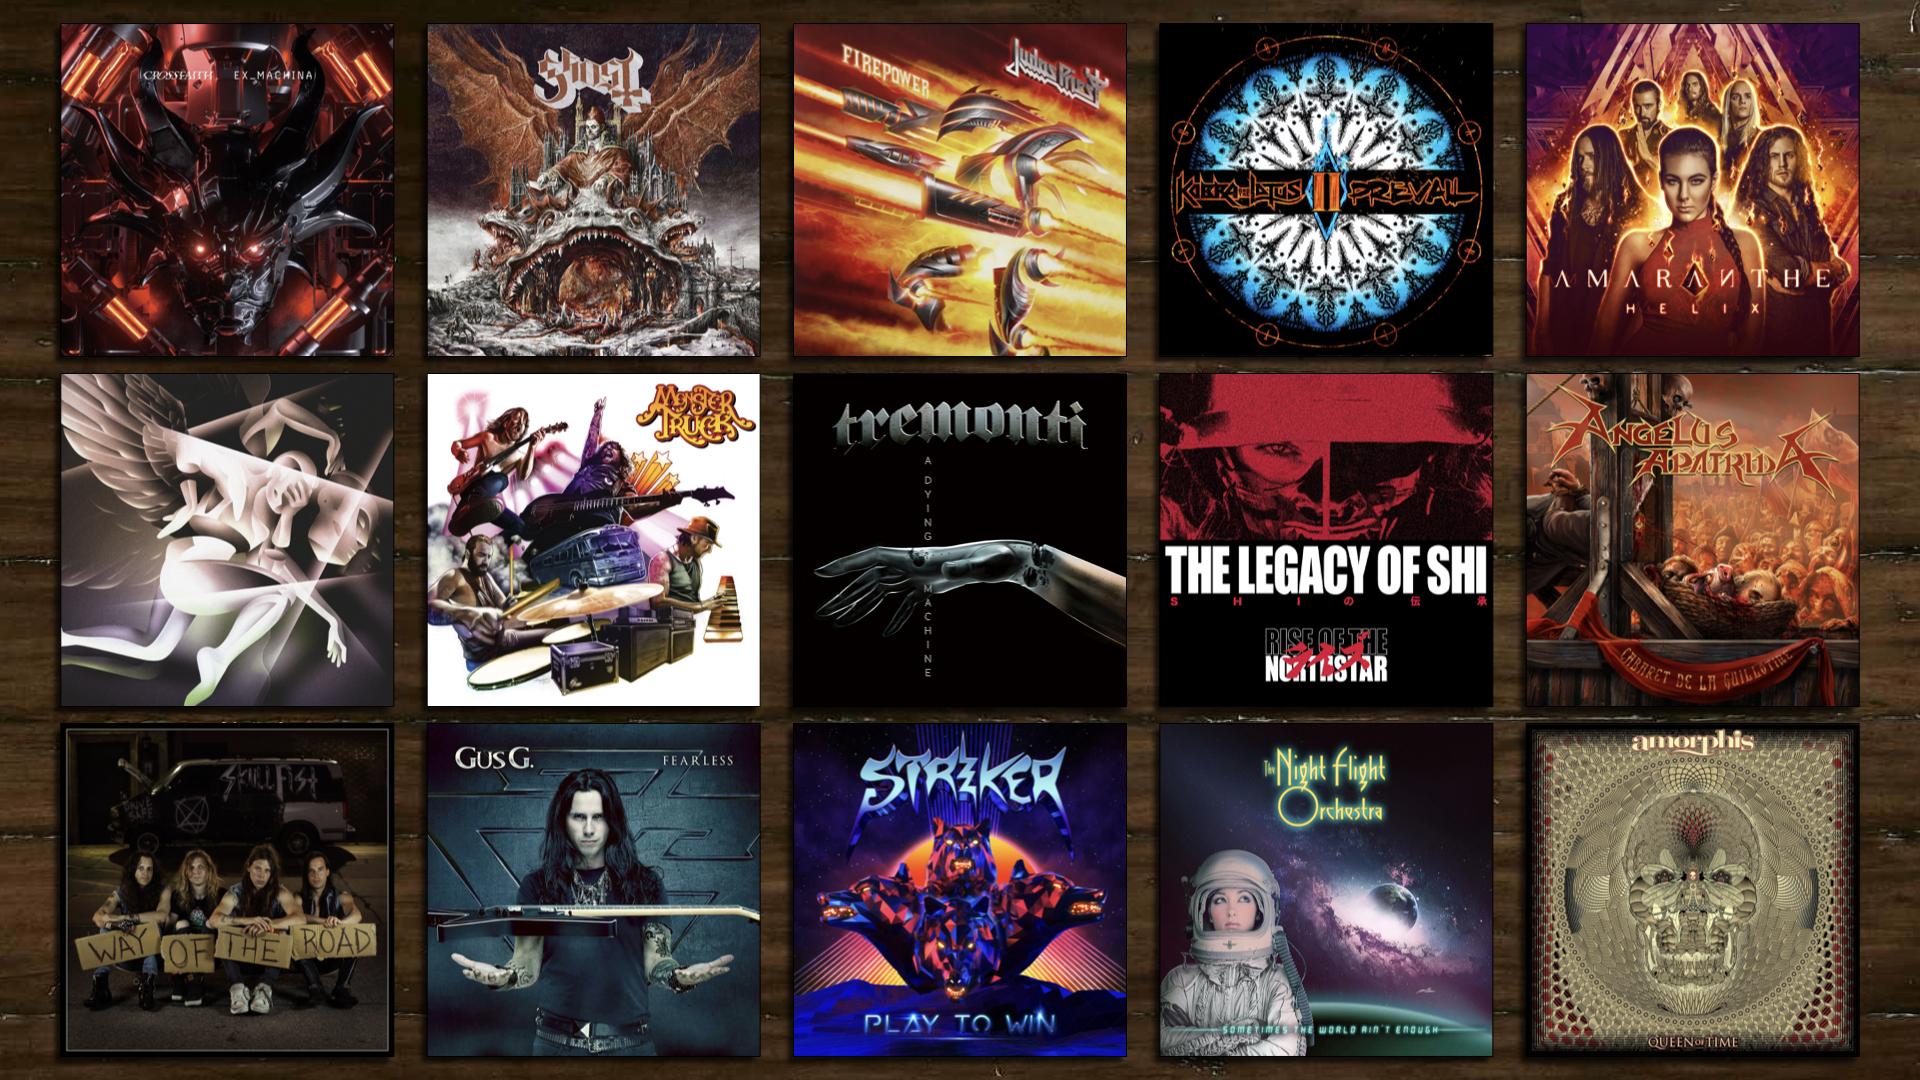 Best 2019 Metal Albums The 20 Best Hard Rock & Heavy Metal Studio Albums of 2018 – Albums